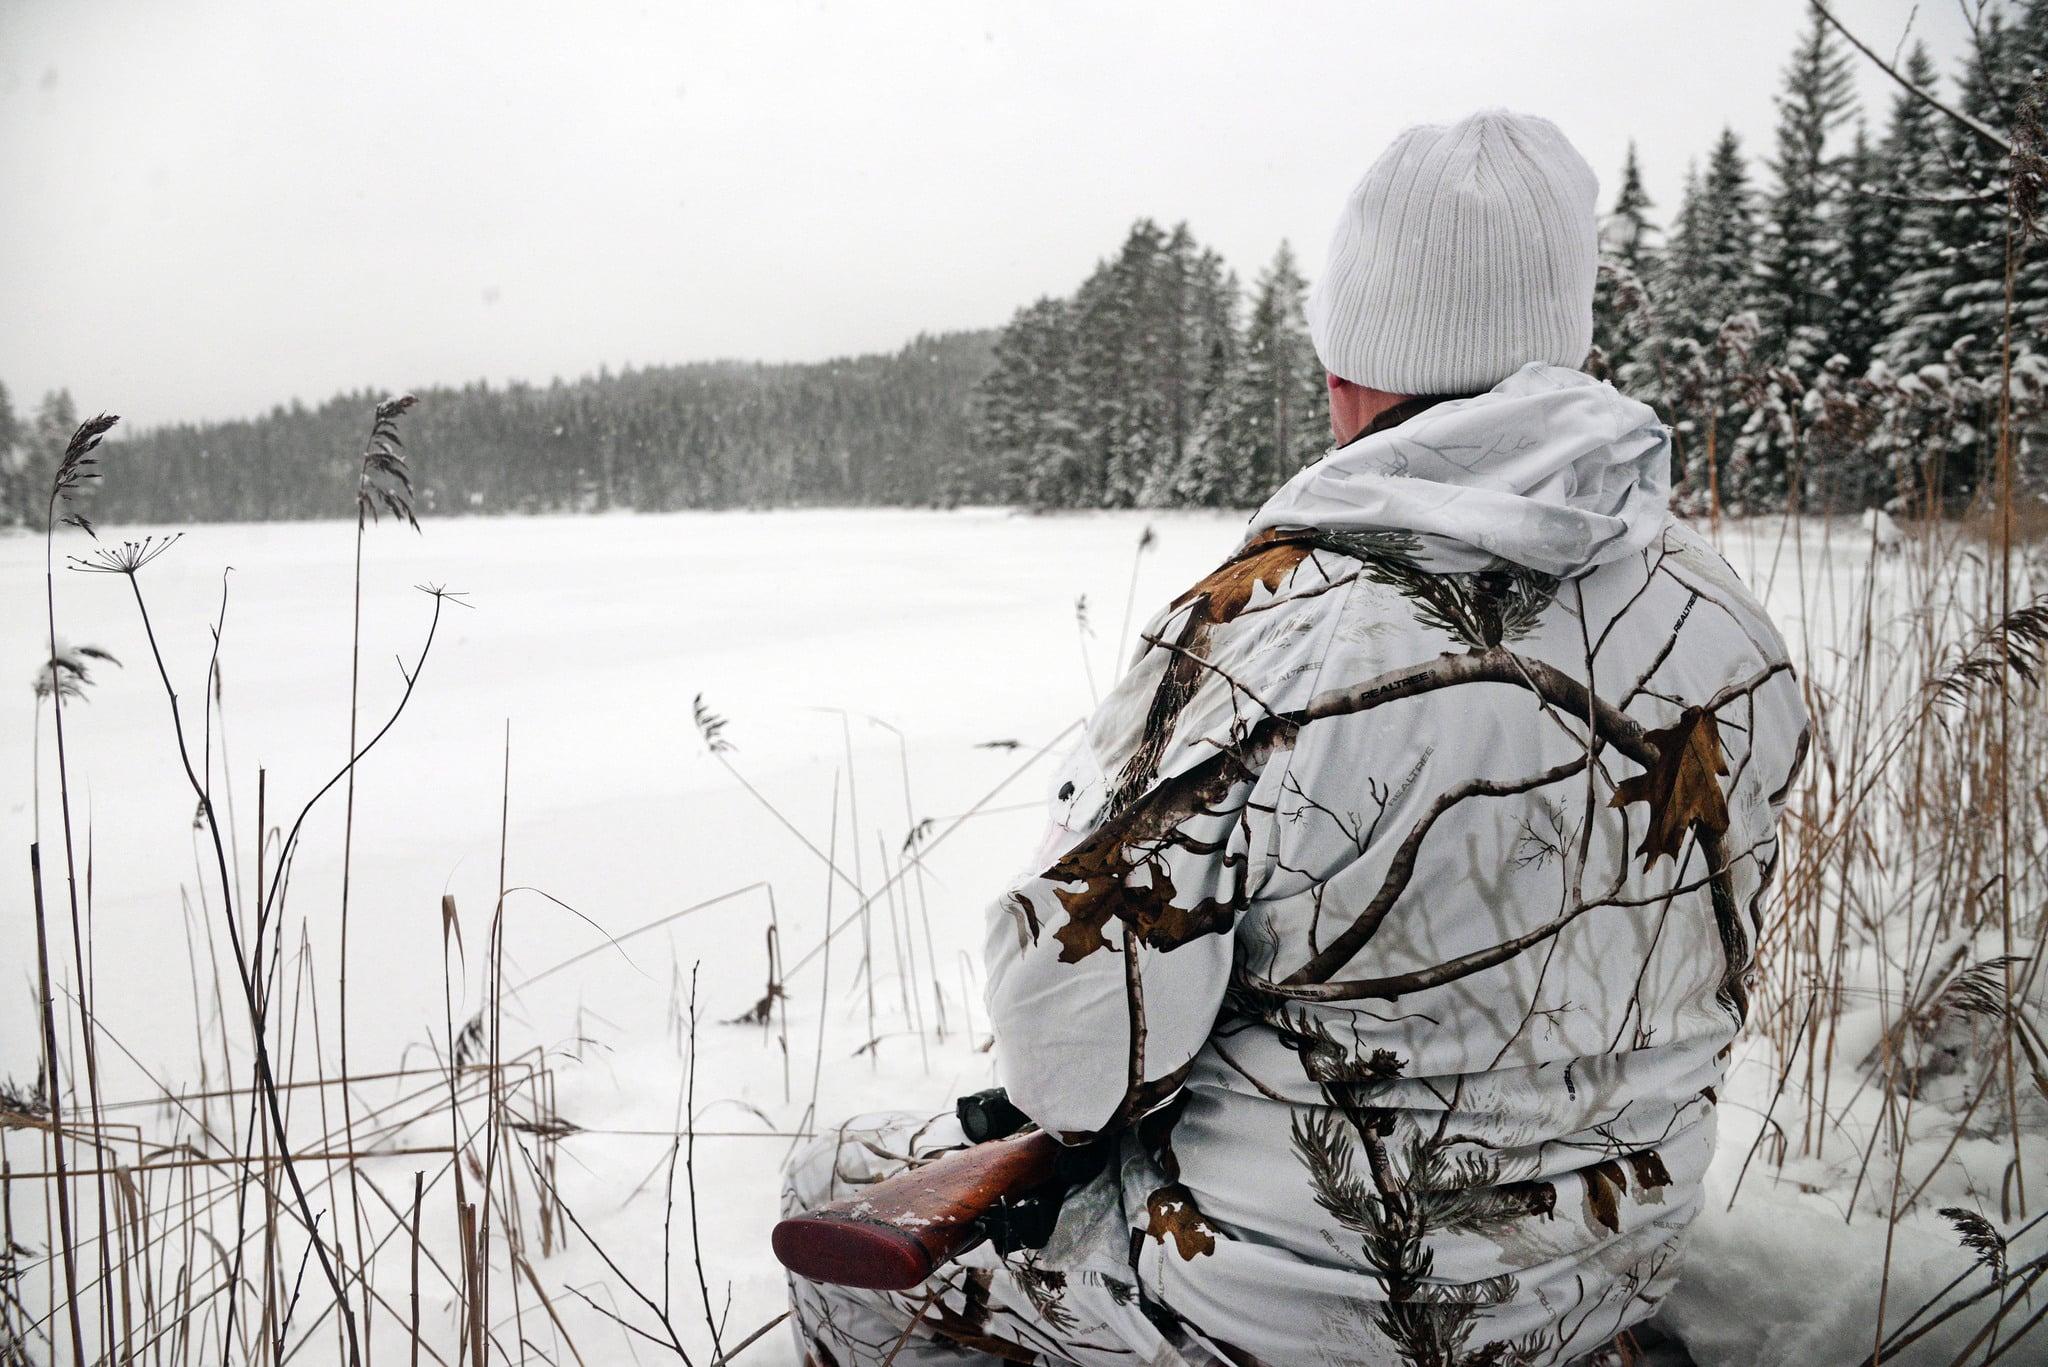 Tiden för vargjakt rinner ut när licensjaktbeslutet förhalas i domstolsprocesser. Naturvårdsverket avvisar länsstyrelsernas och Jägareförbundets begäran om förlängd vargjakt. Foto: Lars-Henrik Andersson